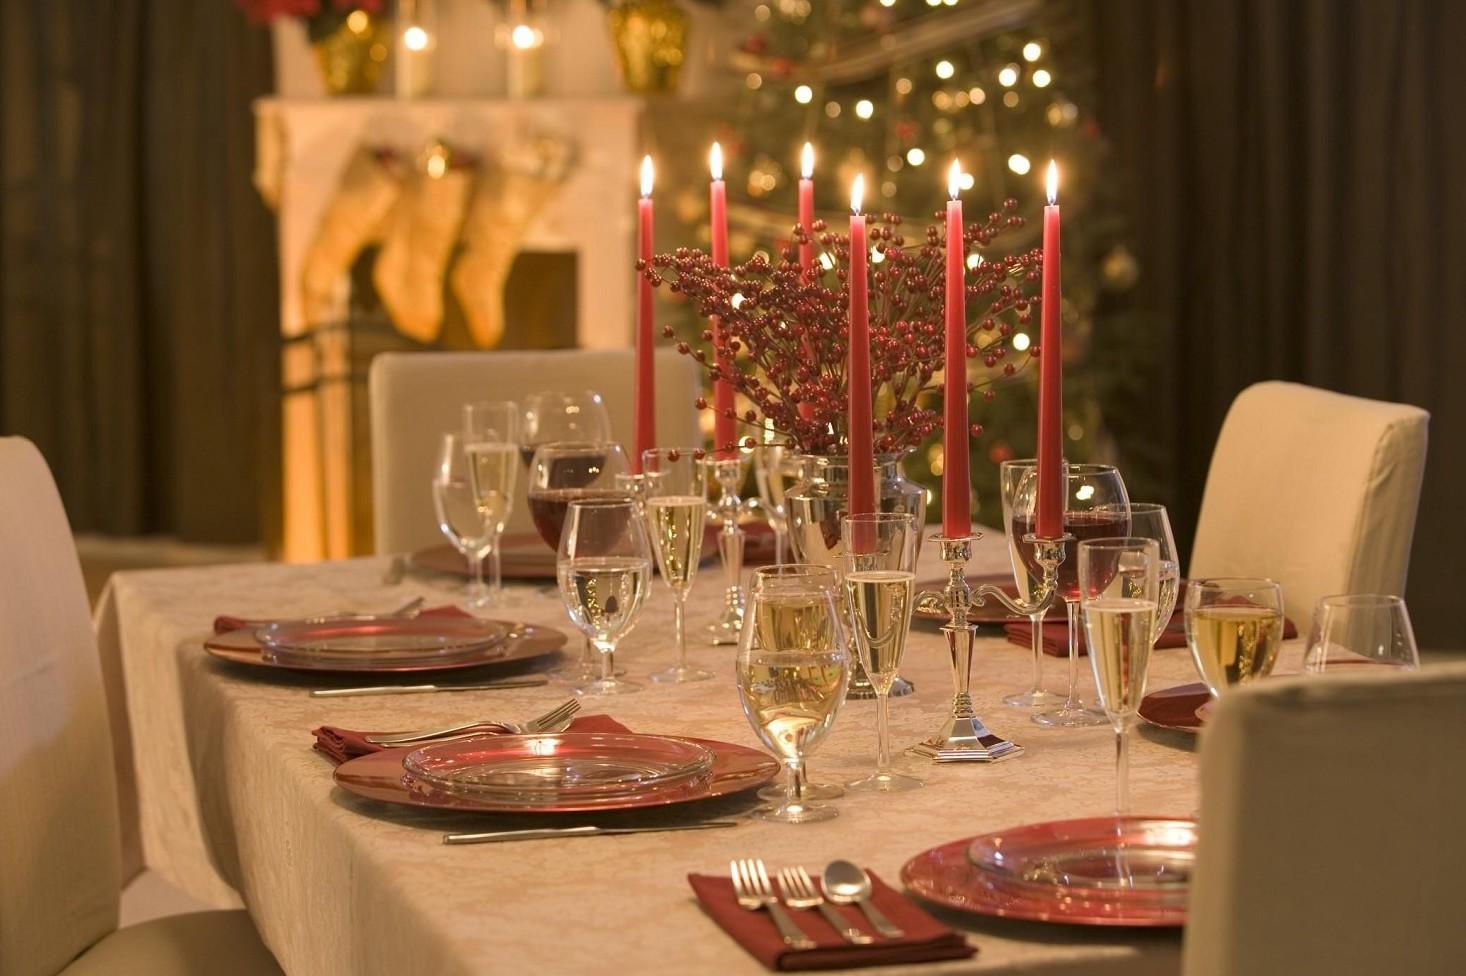 Ricette di Natale: 5 ricette di primi pi